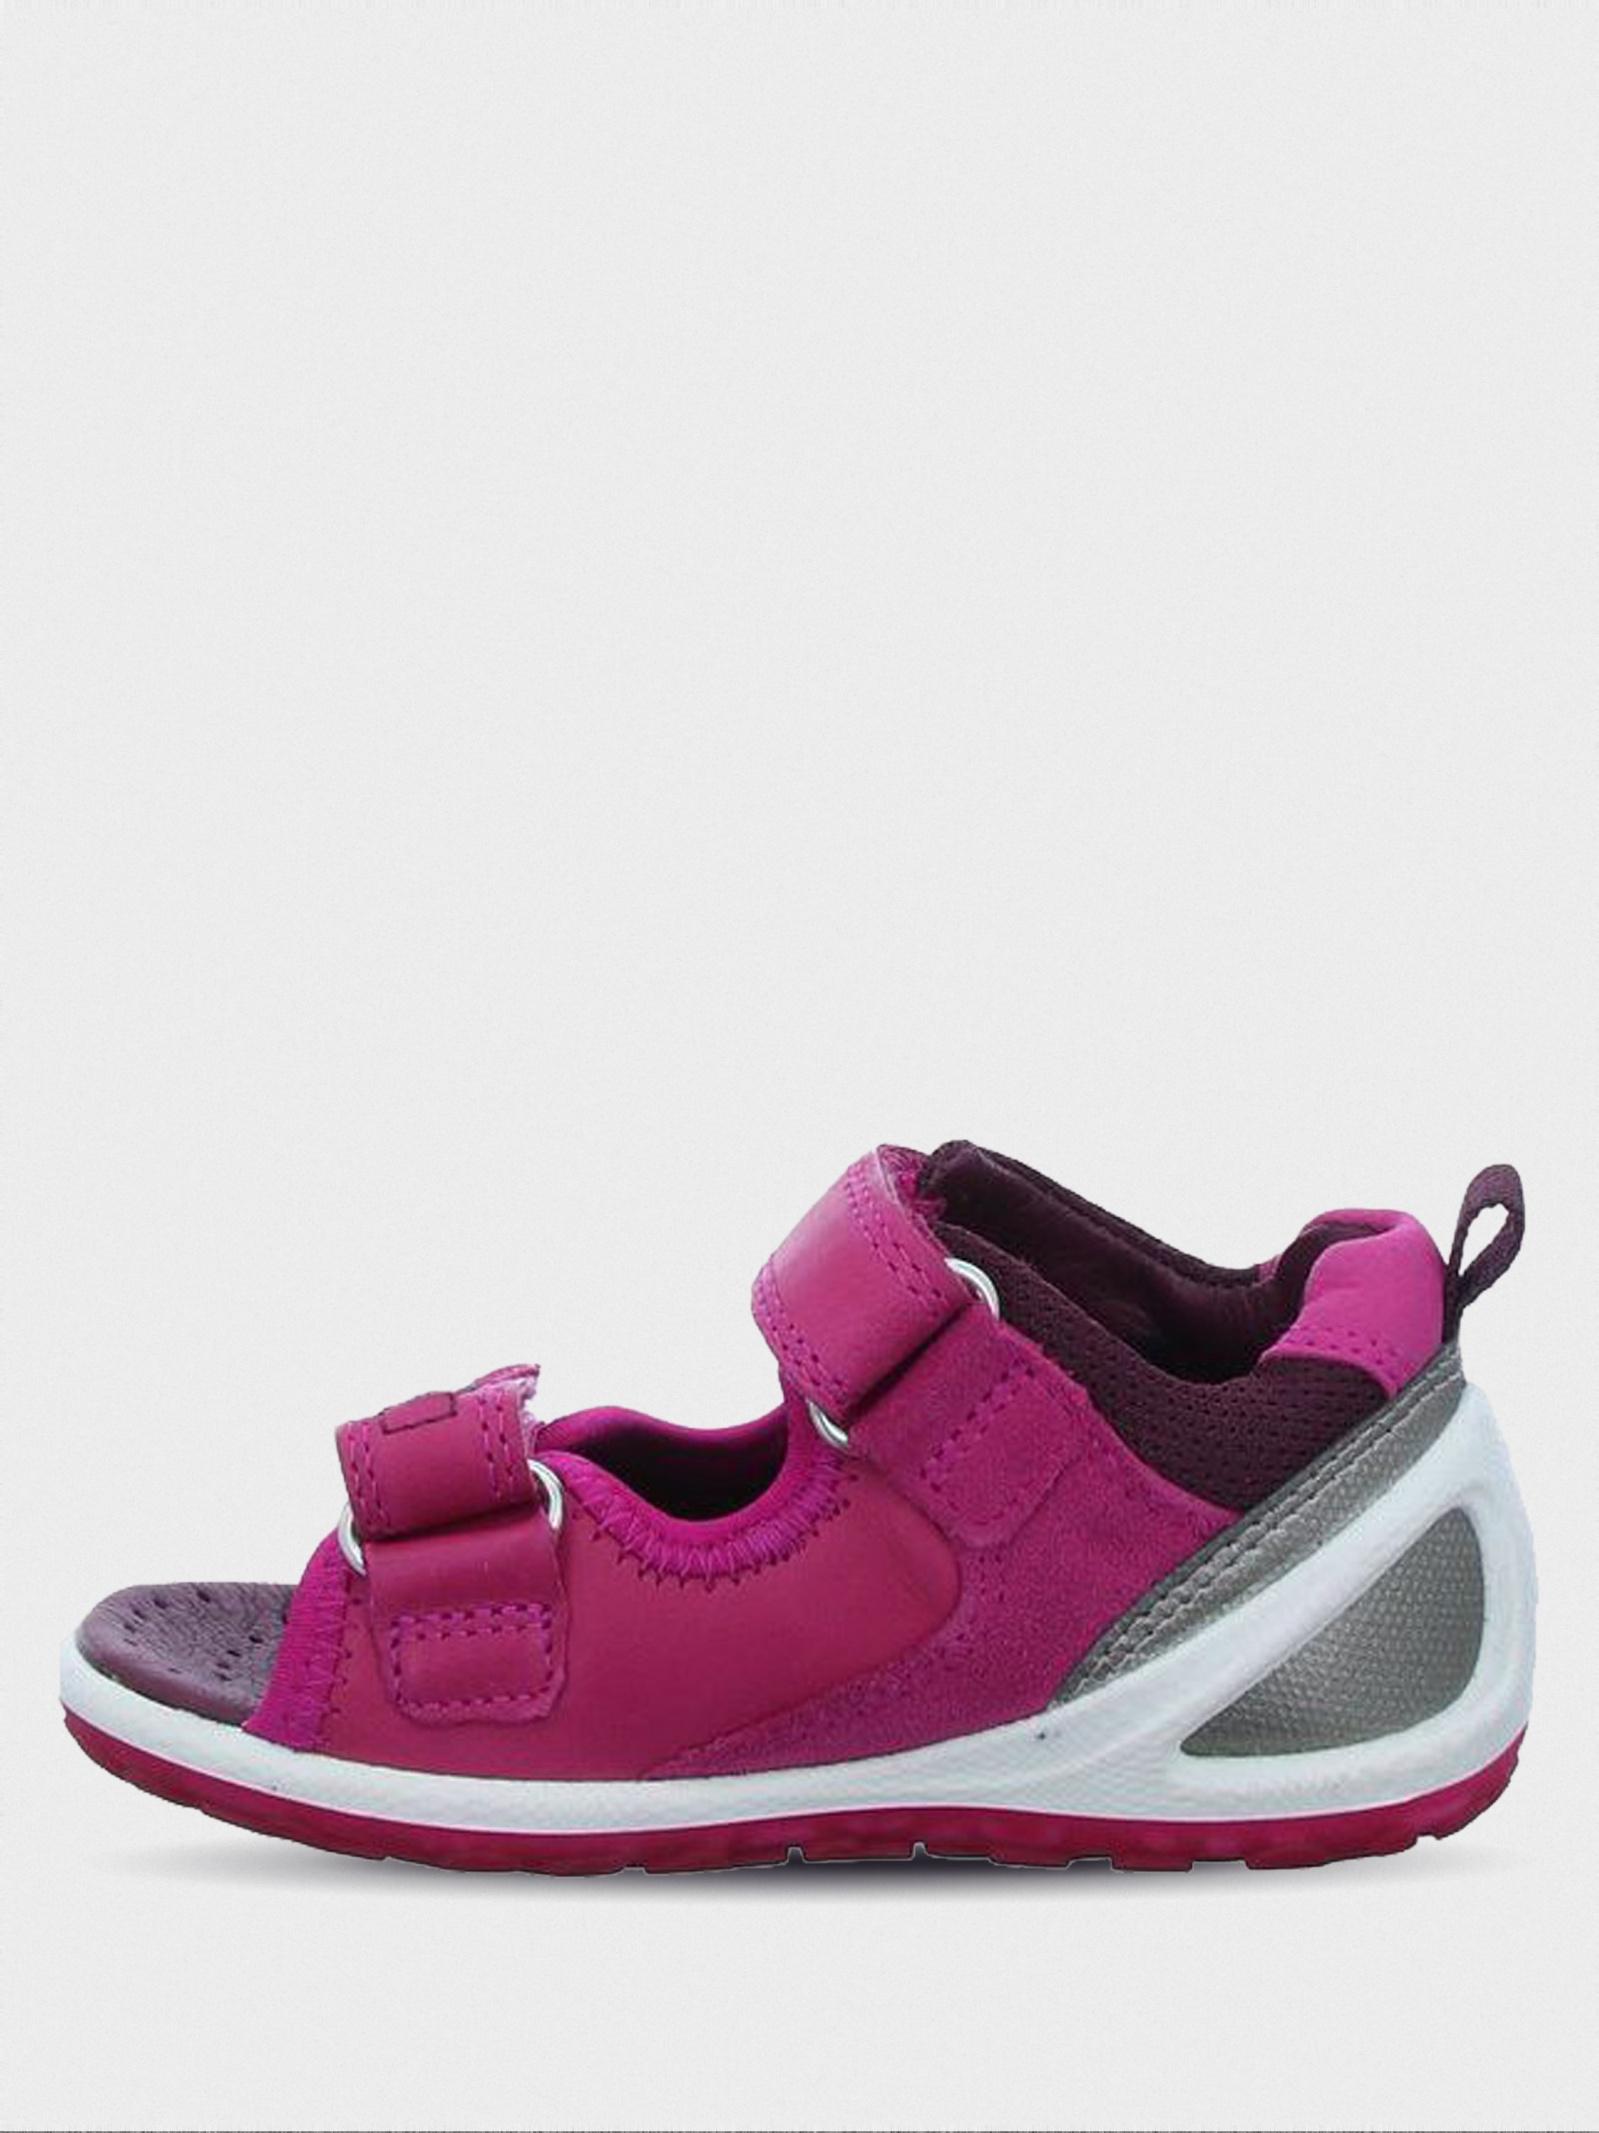 Сандалі  для дітей ECCO BIOM MINI SANDAL 754821(50229) модне взуття, 2017